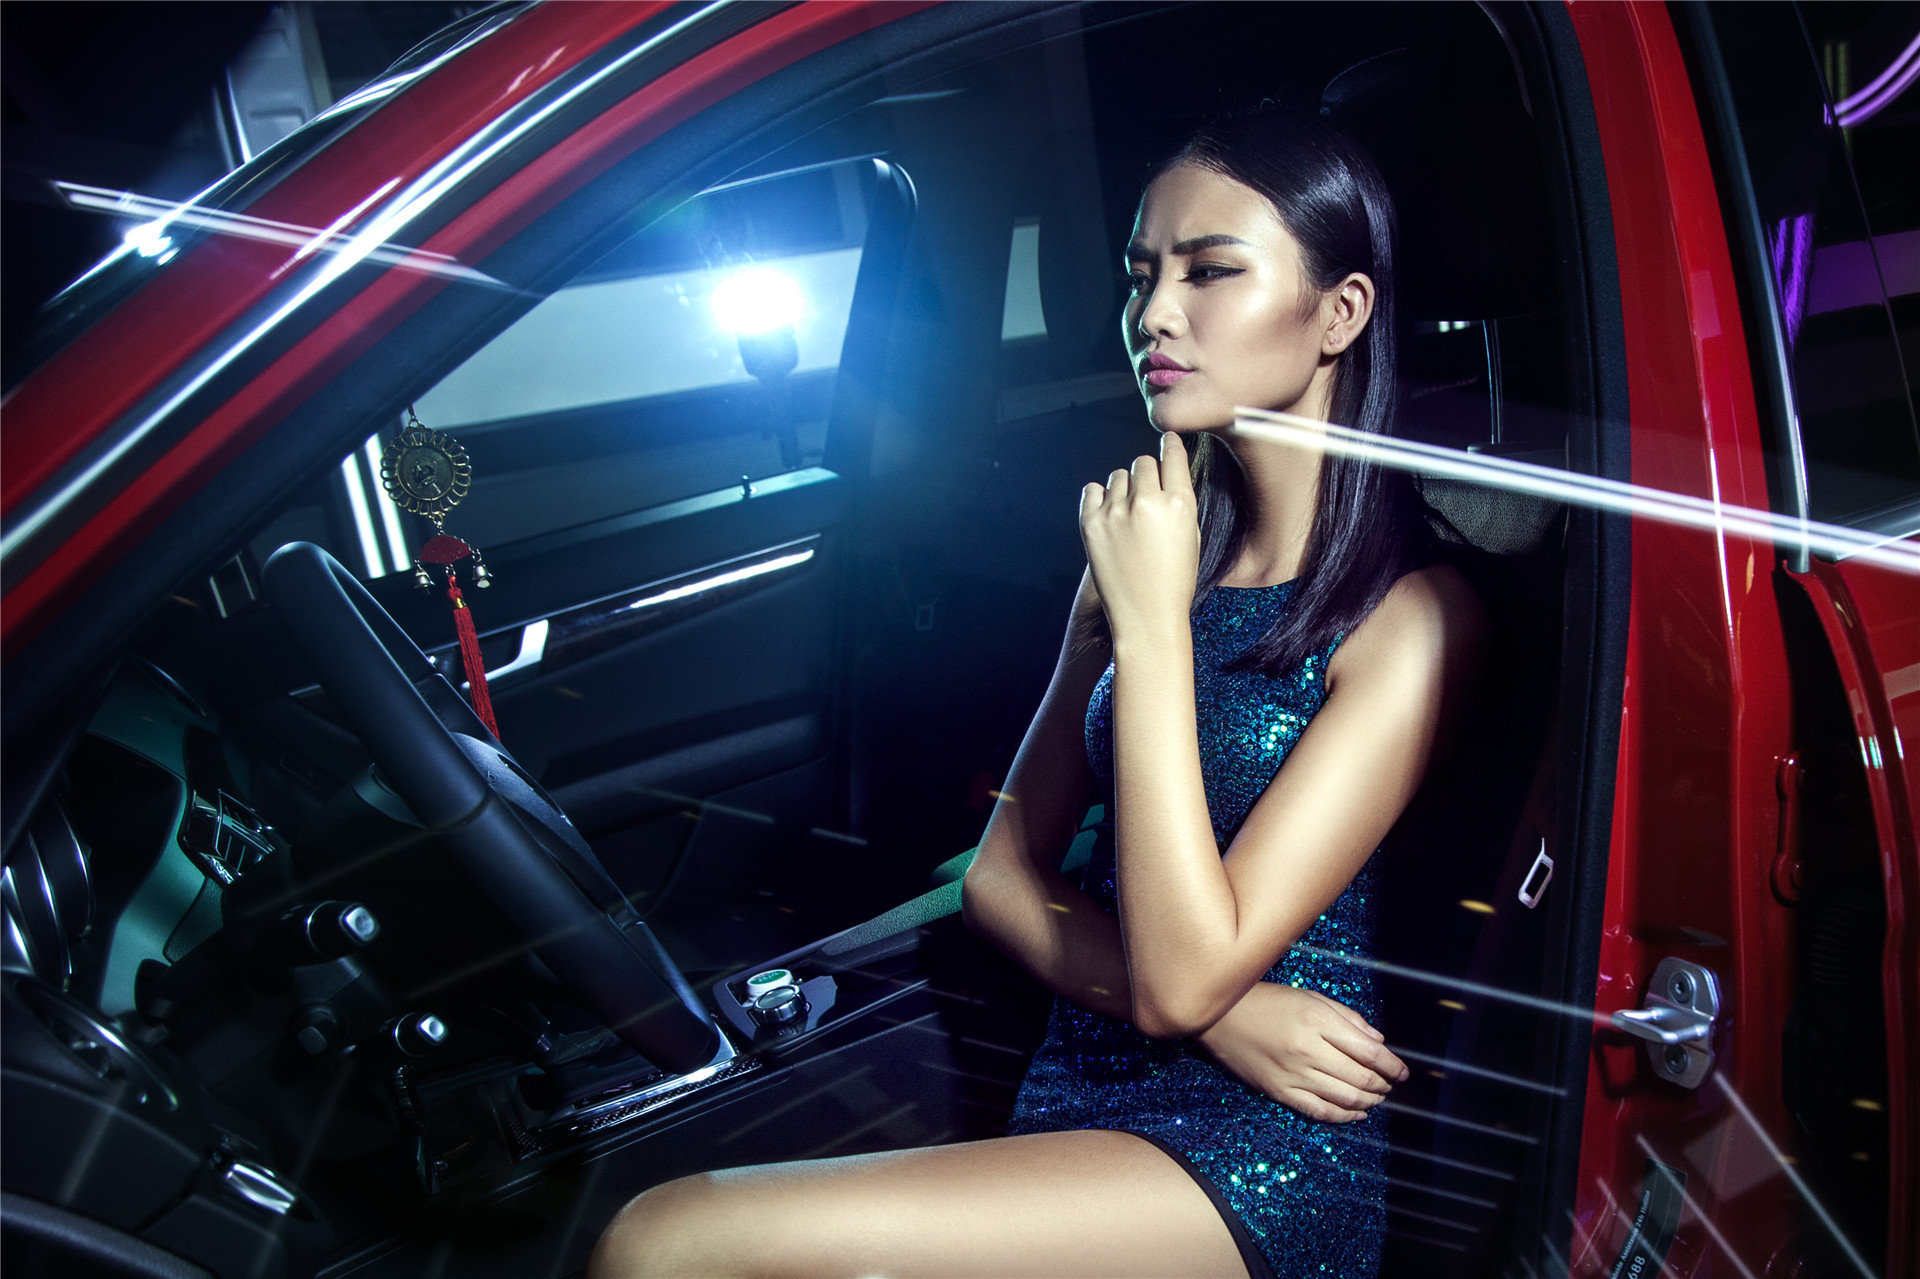 """邻家妹刘露曲线迷人与奔驰共度浪漫""""星星""""夜"""